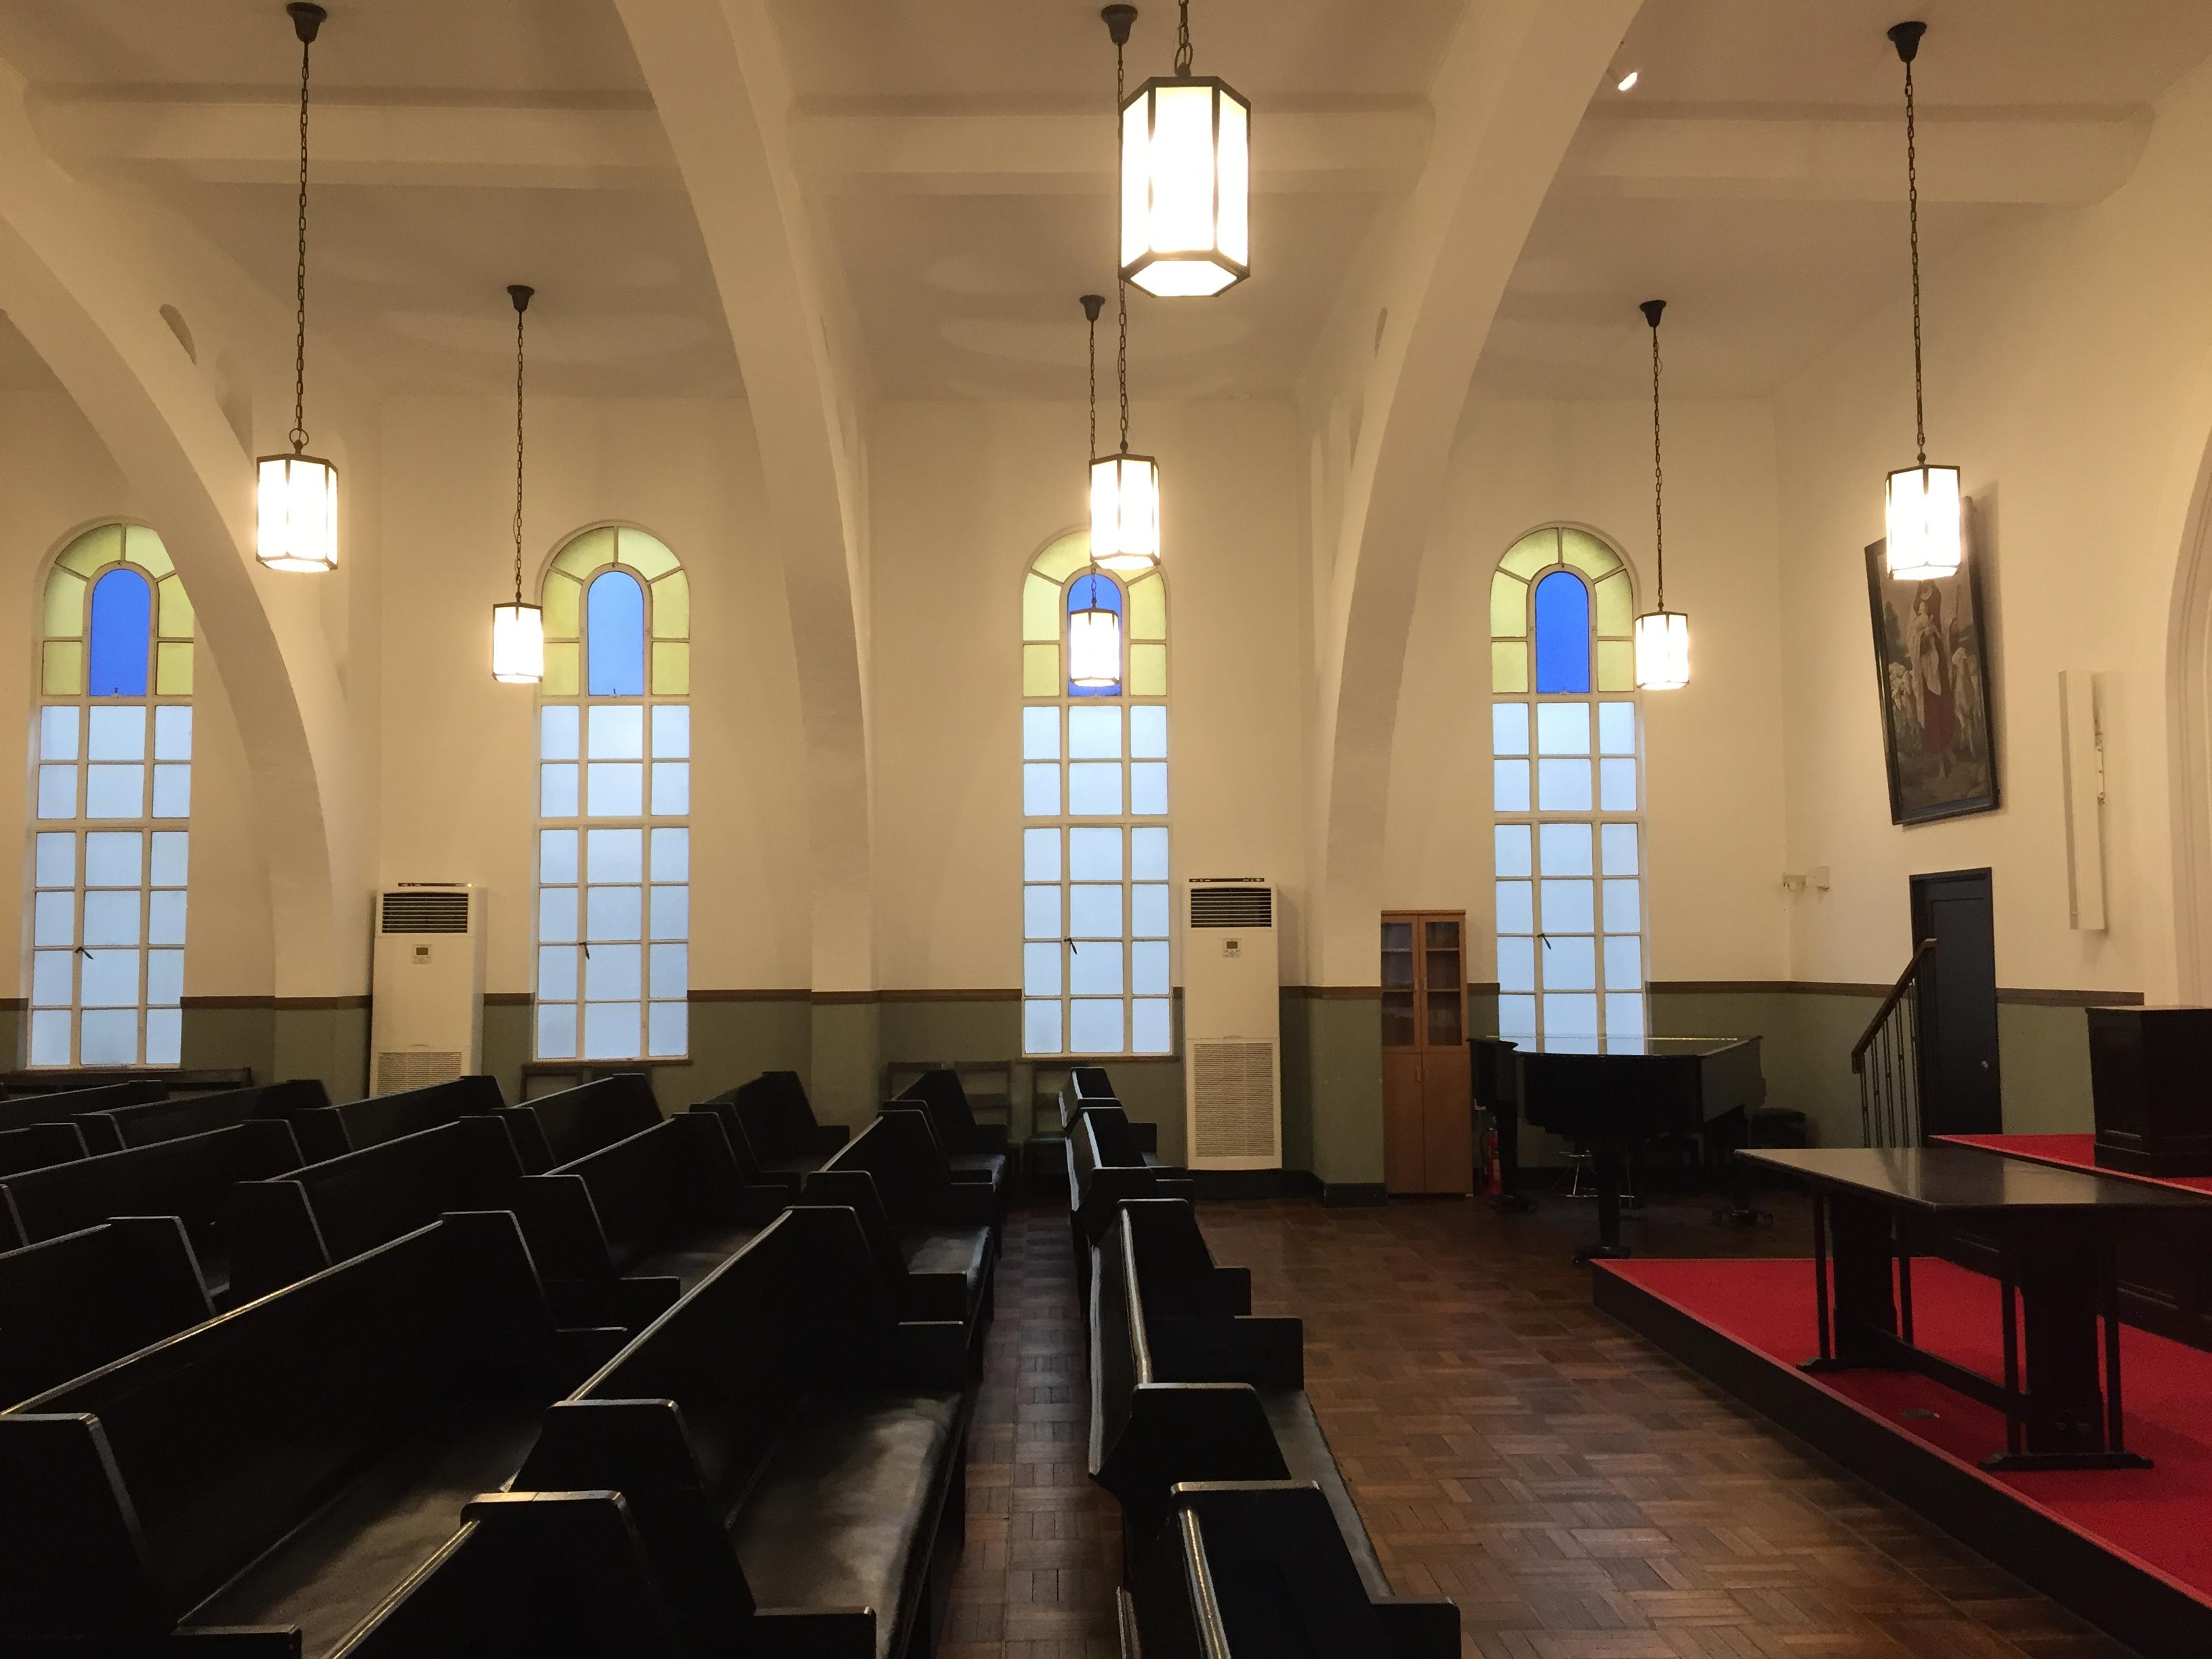 <p>2階礼拝堂2</p>祭壇と座席との関係を横の座席通路から見る。天井の白と長椅子とフローリングの濃い茶色のコントラストをきかせたデザインとなっている。